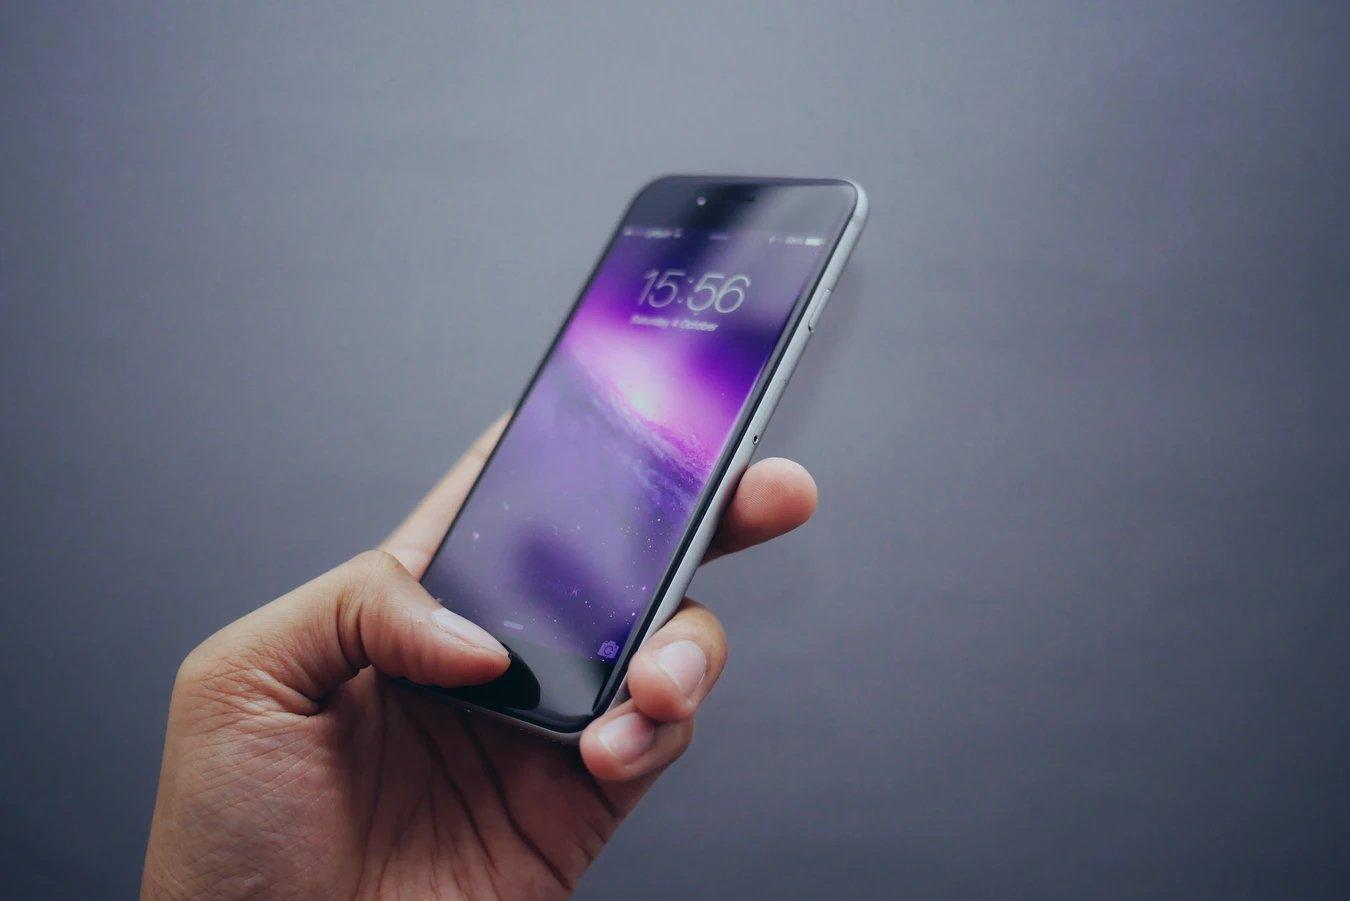 smartphone aplicação iOS iPhone